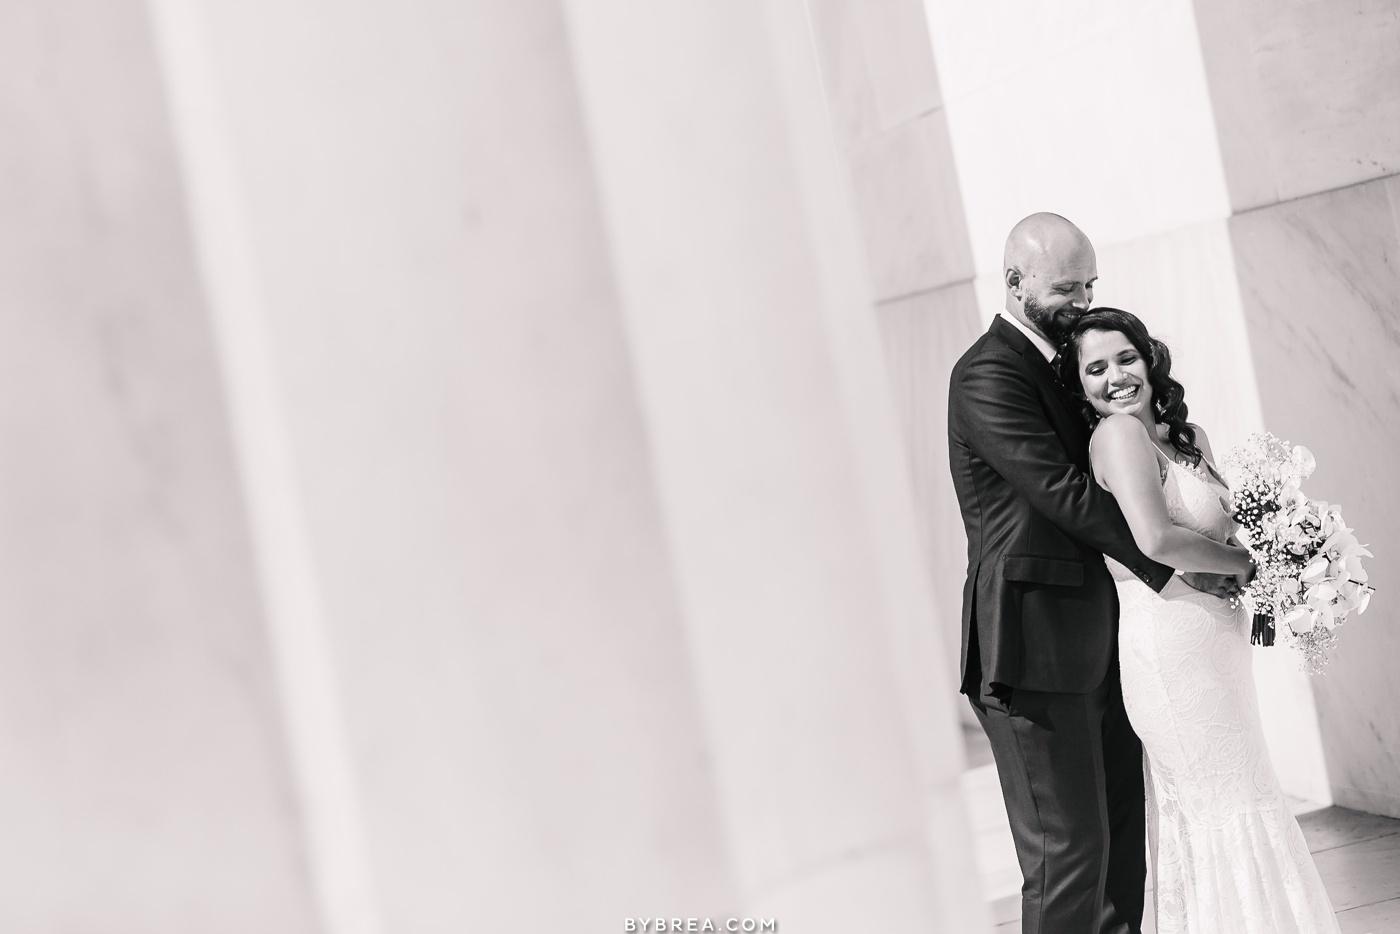 Lincoln Memorial Wedding photo